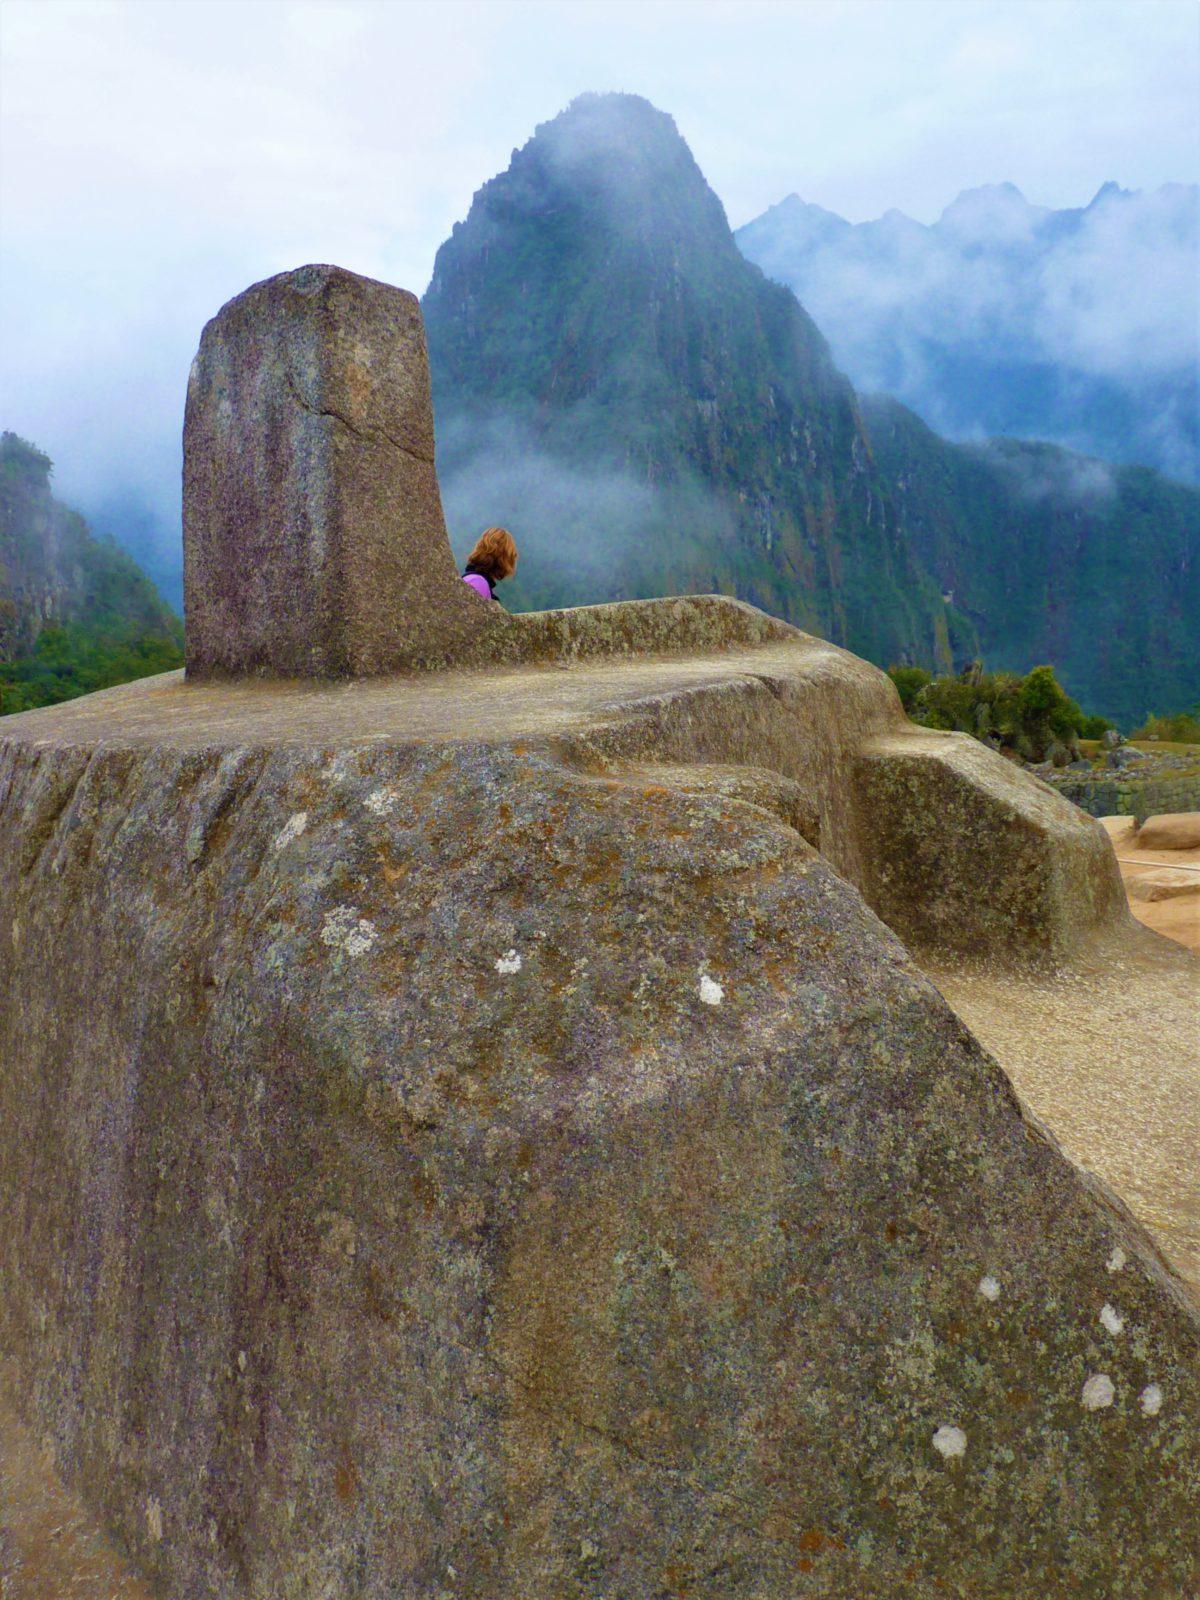 Święty kamień Intihuatana w Machu Picchu